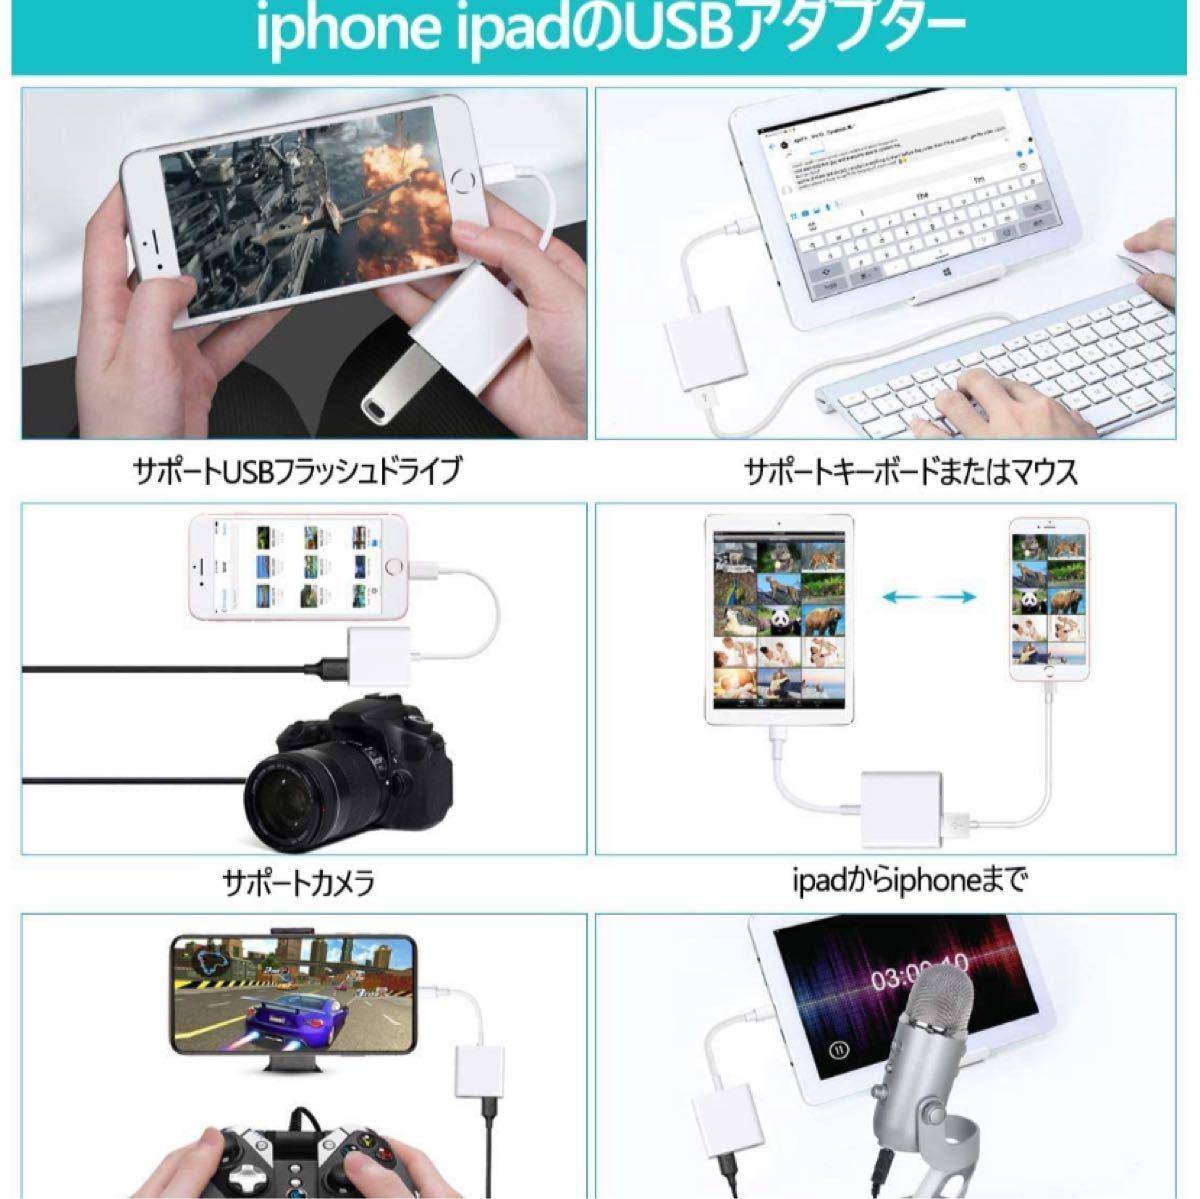 Lightning - usbカメラアダプタ ライトニングカメラ変換アダプター